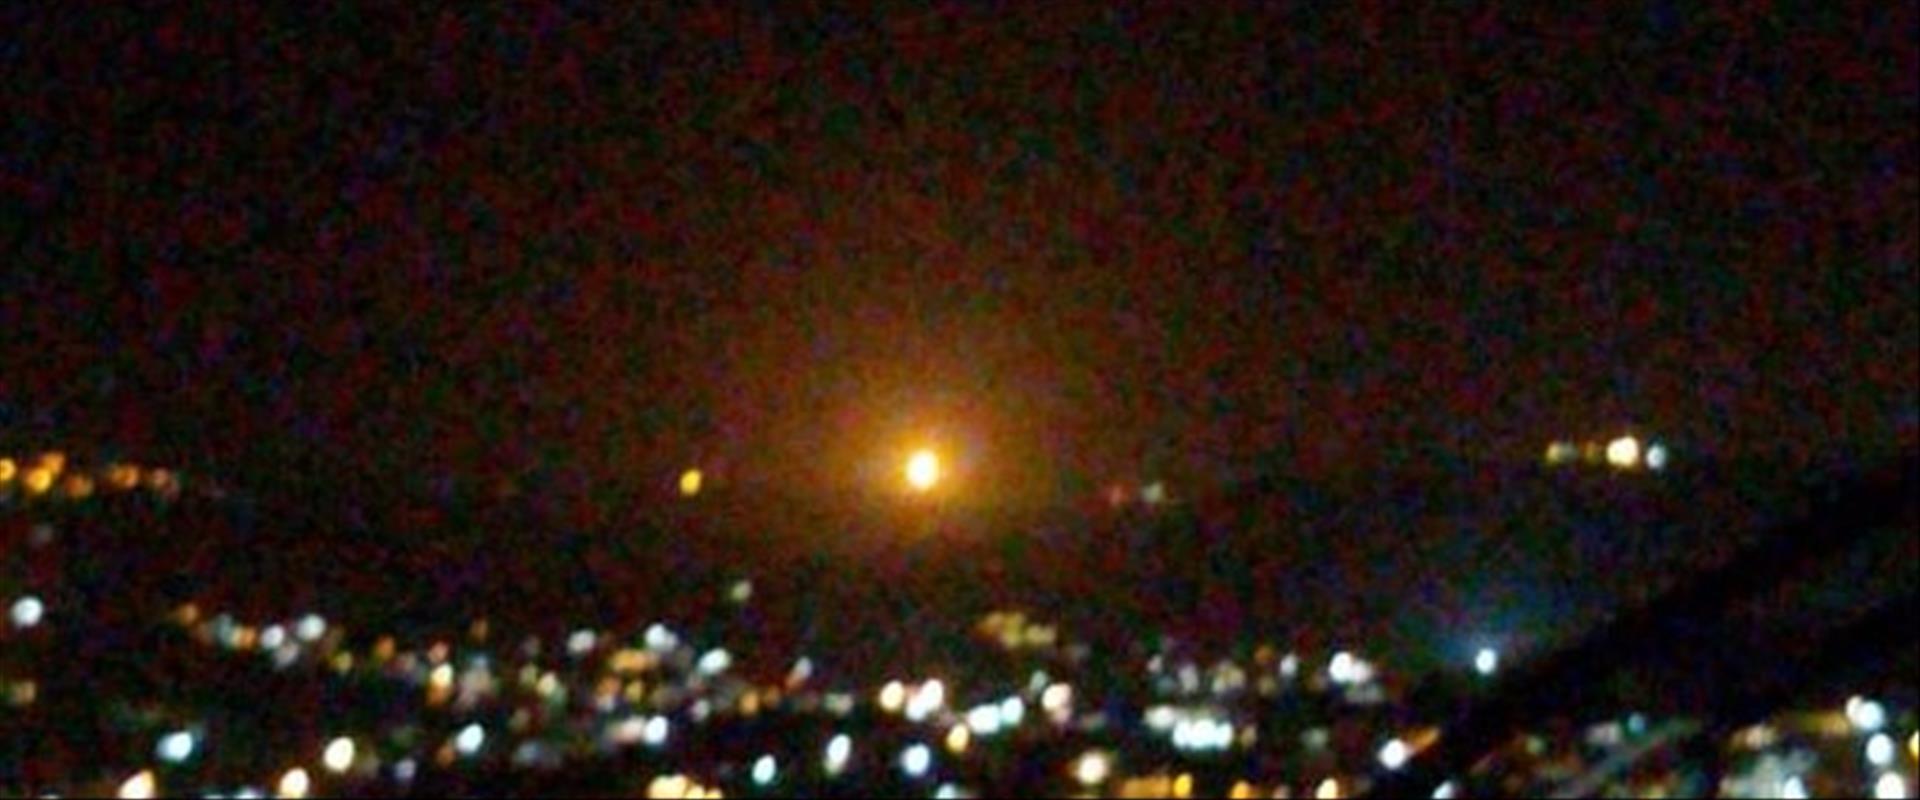 פצצות תאורה